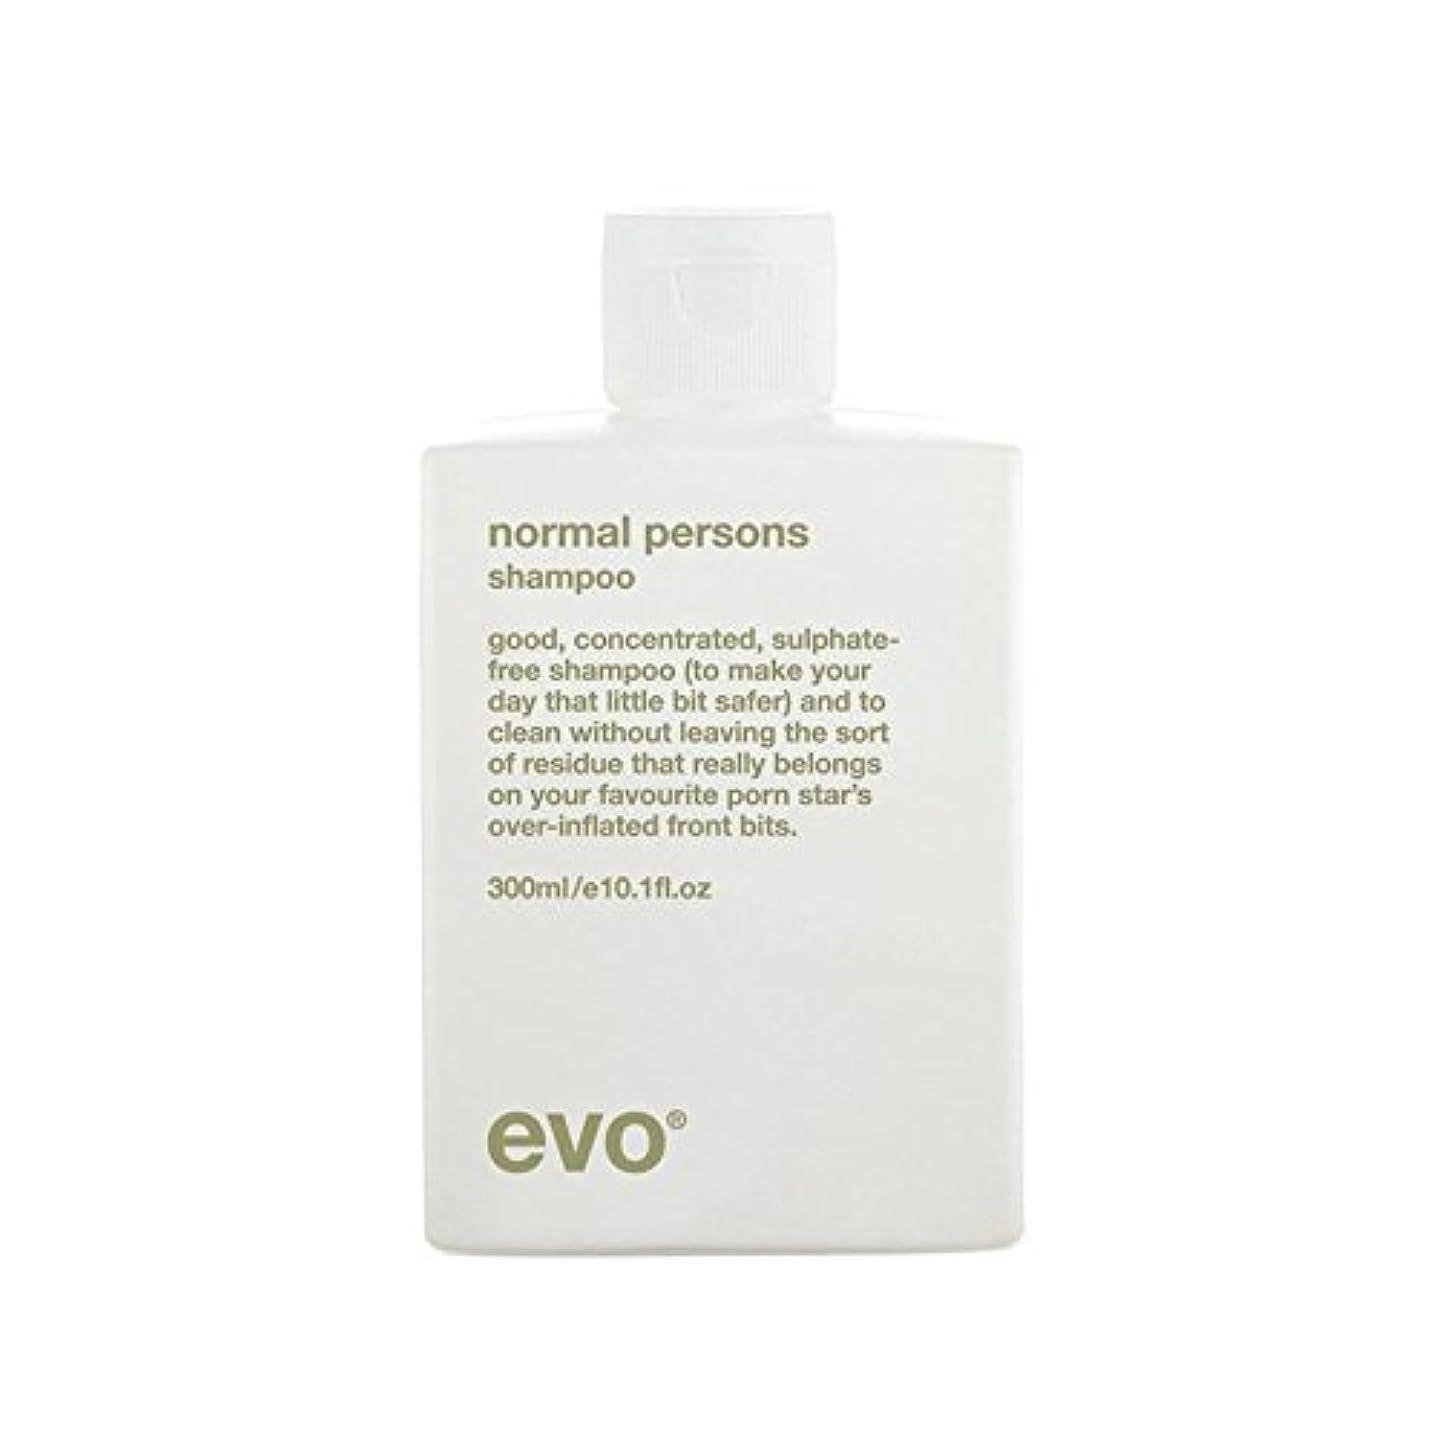 閉塞記念ウミウシEvo Normal Persons Shampoo (300ml) - エボ正常人シャンプー(300ミリリットル) [並行輸入品]